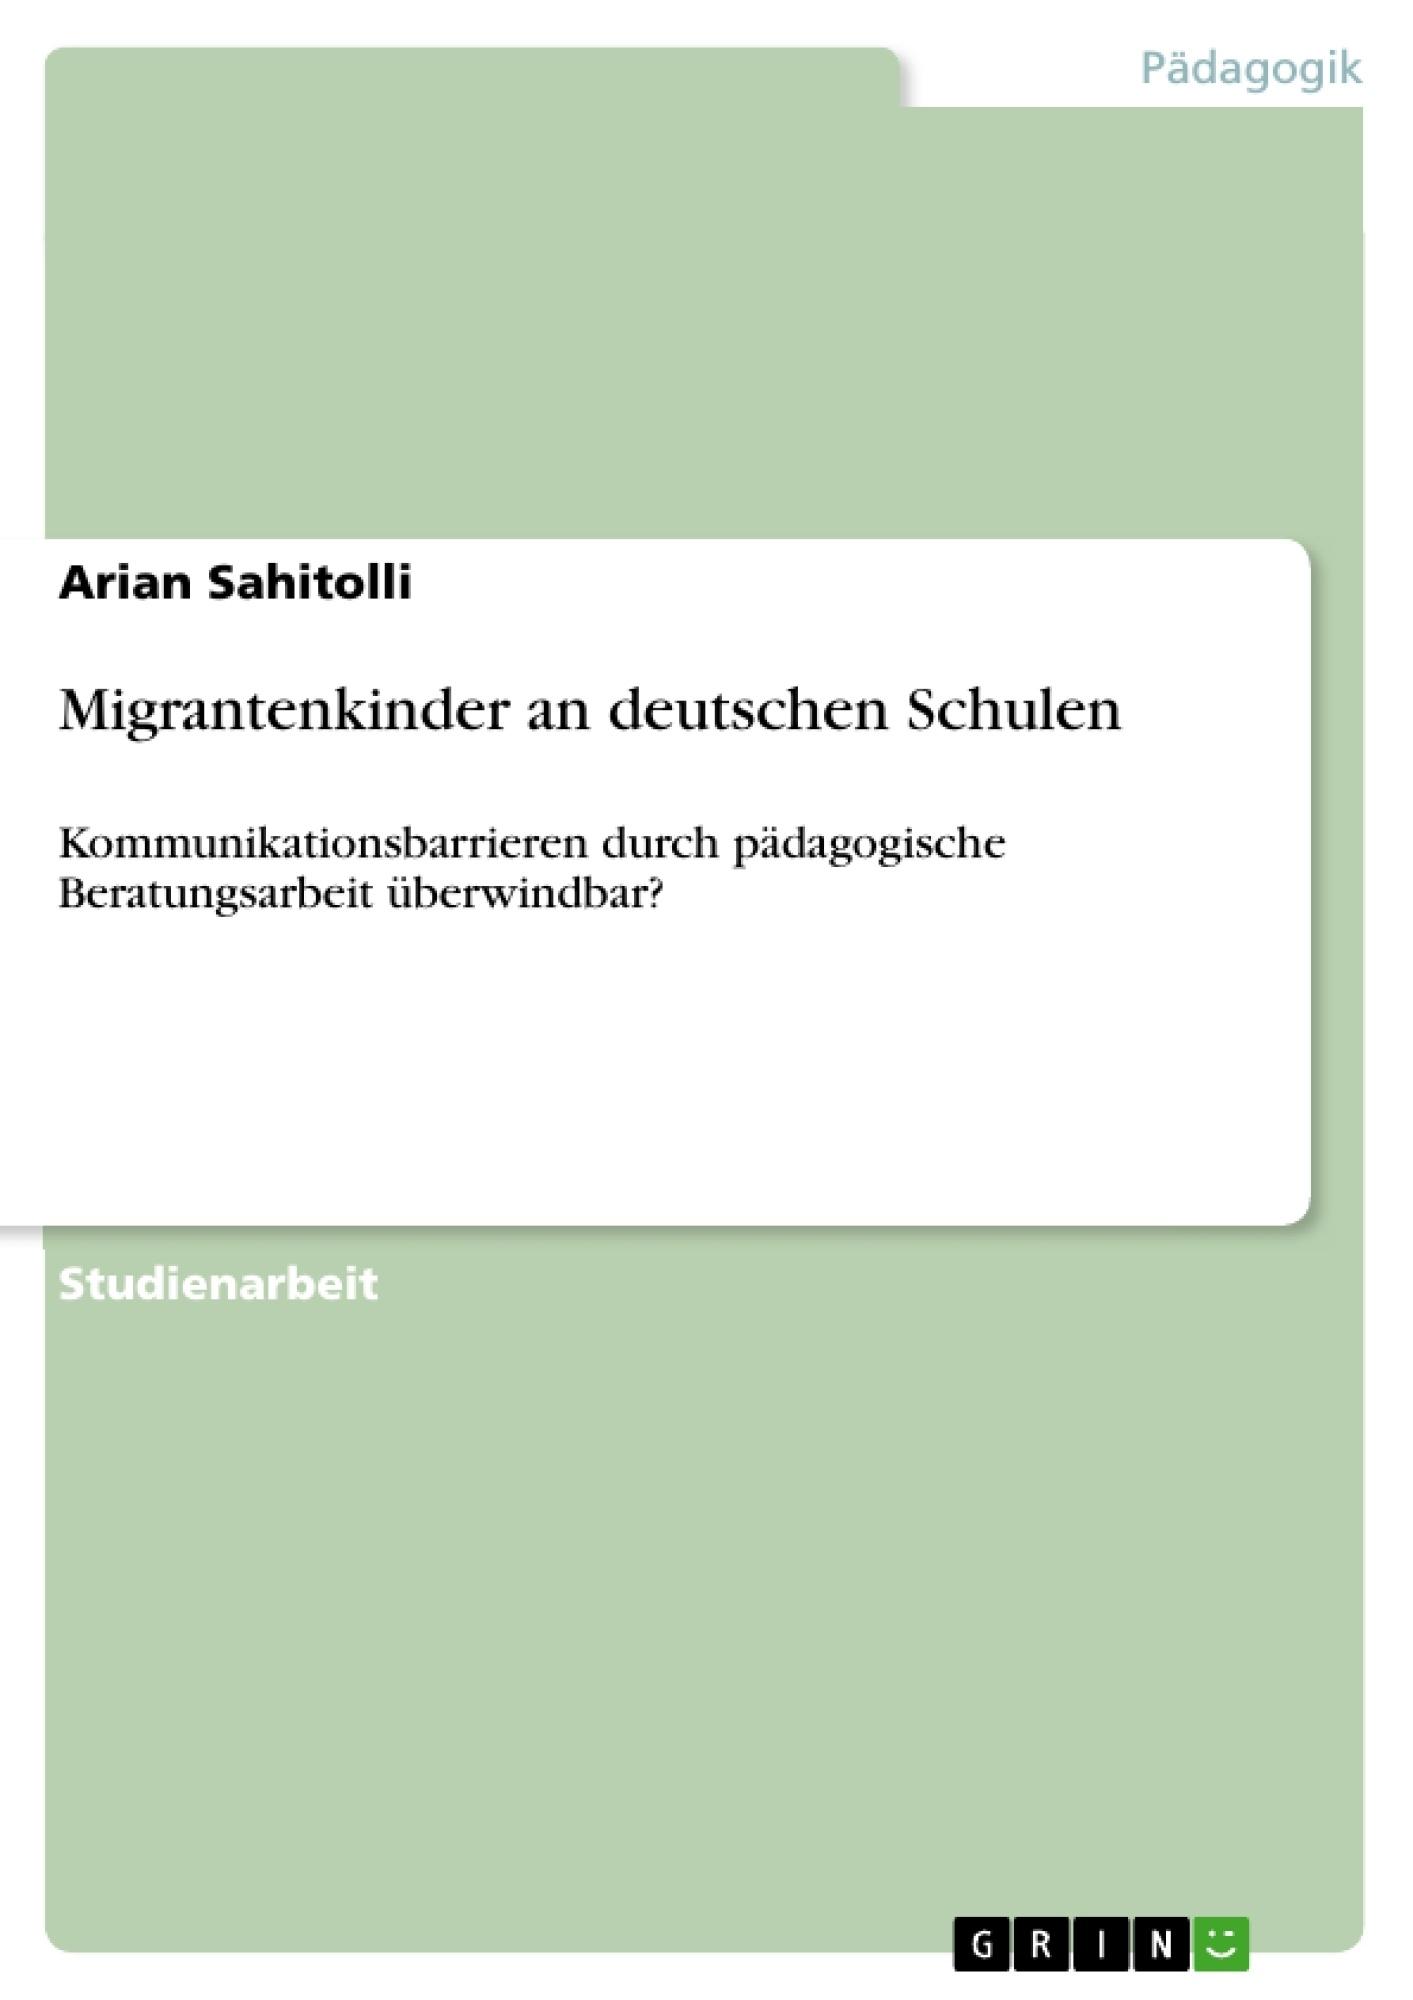 Titel: Migrantenkinder an deutschen Schulen